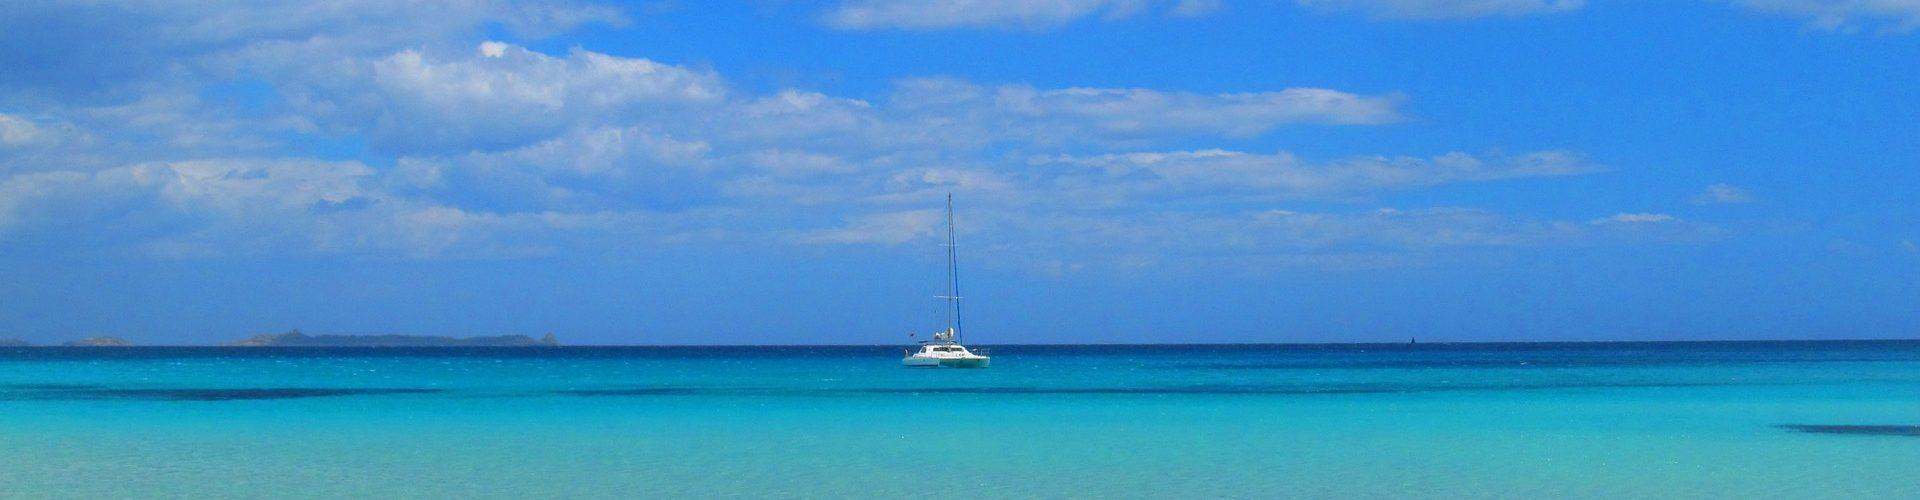 Villasimius Sardegna spiaggia